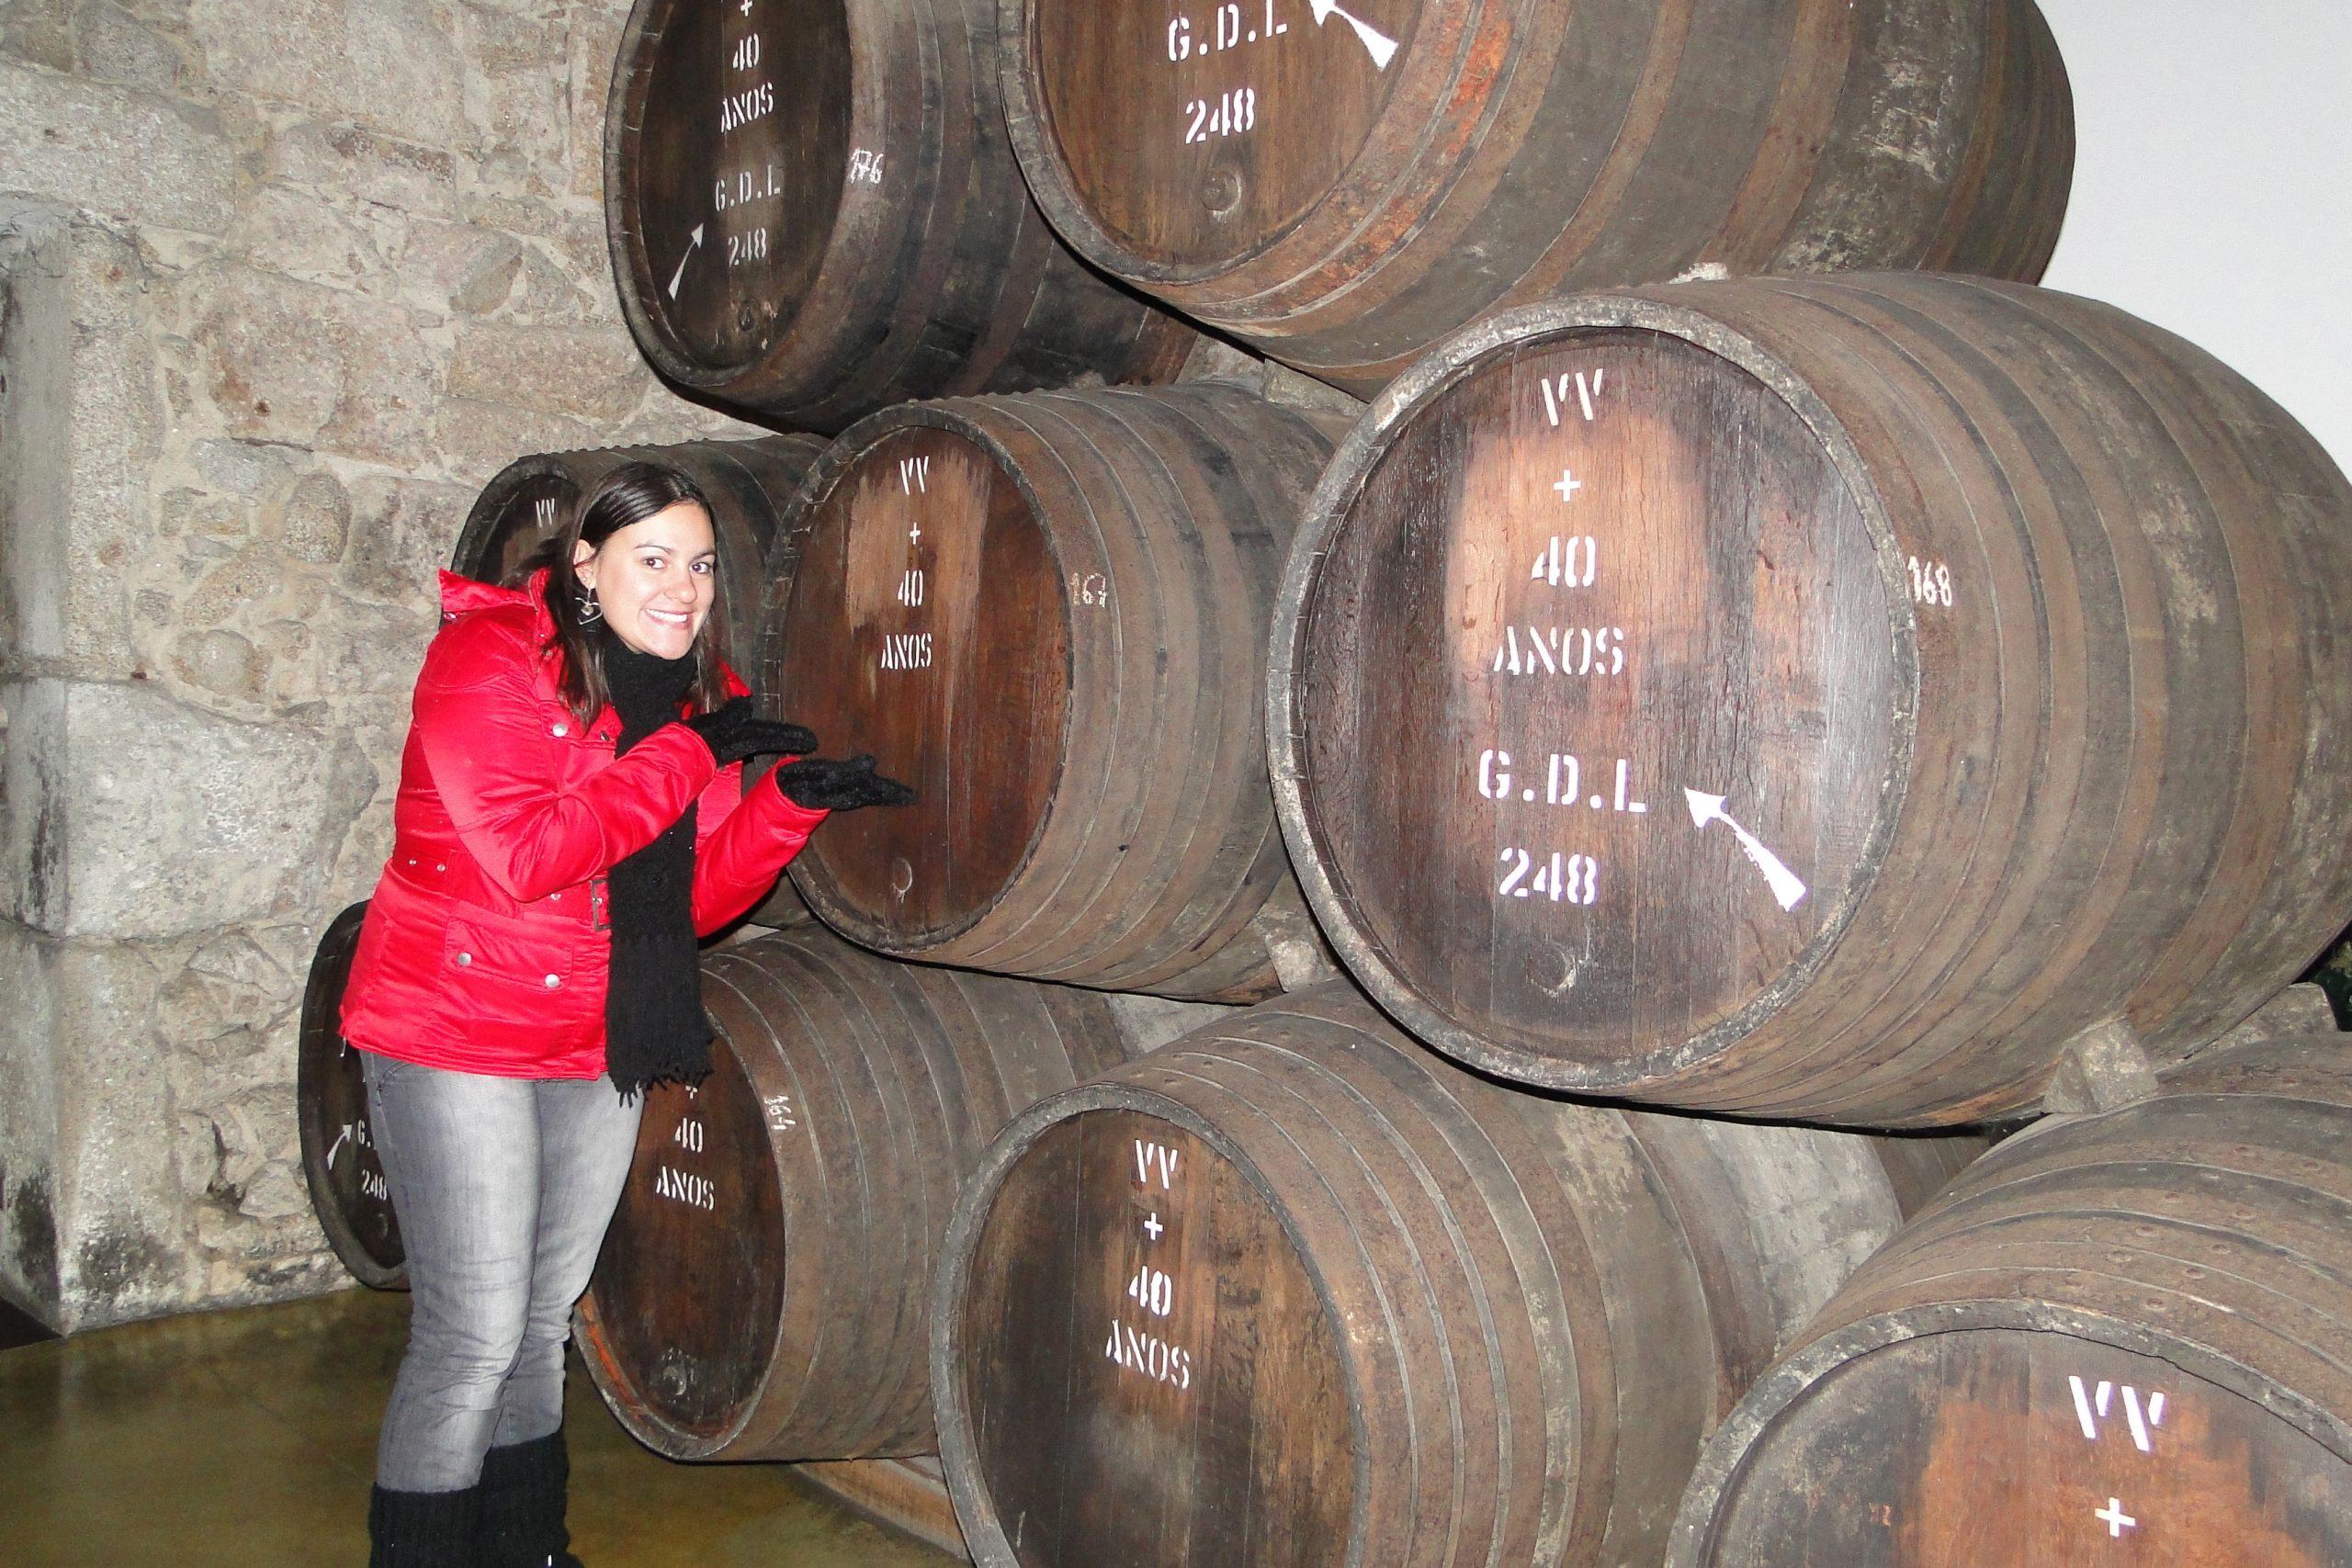 Vinhos do Porto sem Data de Colheita